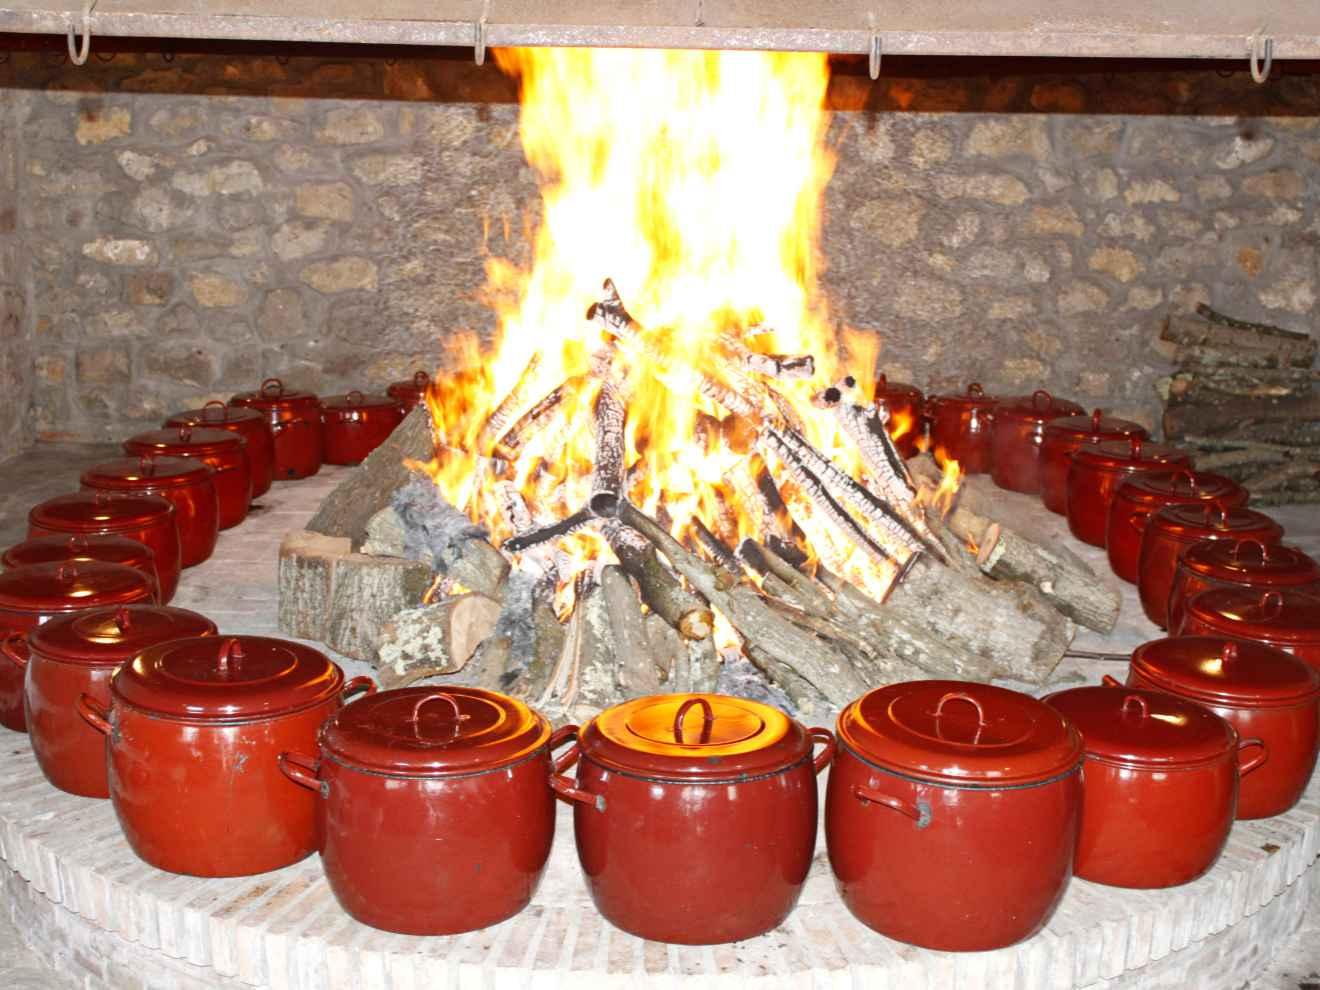 Las ollas al fuego